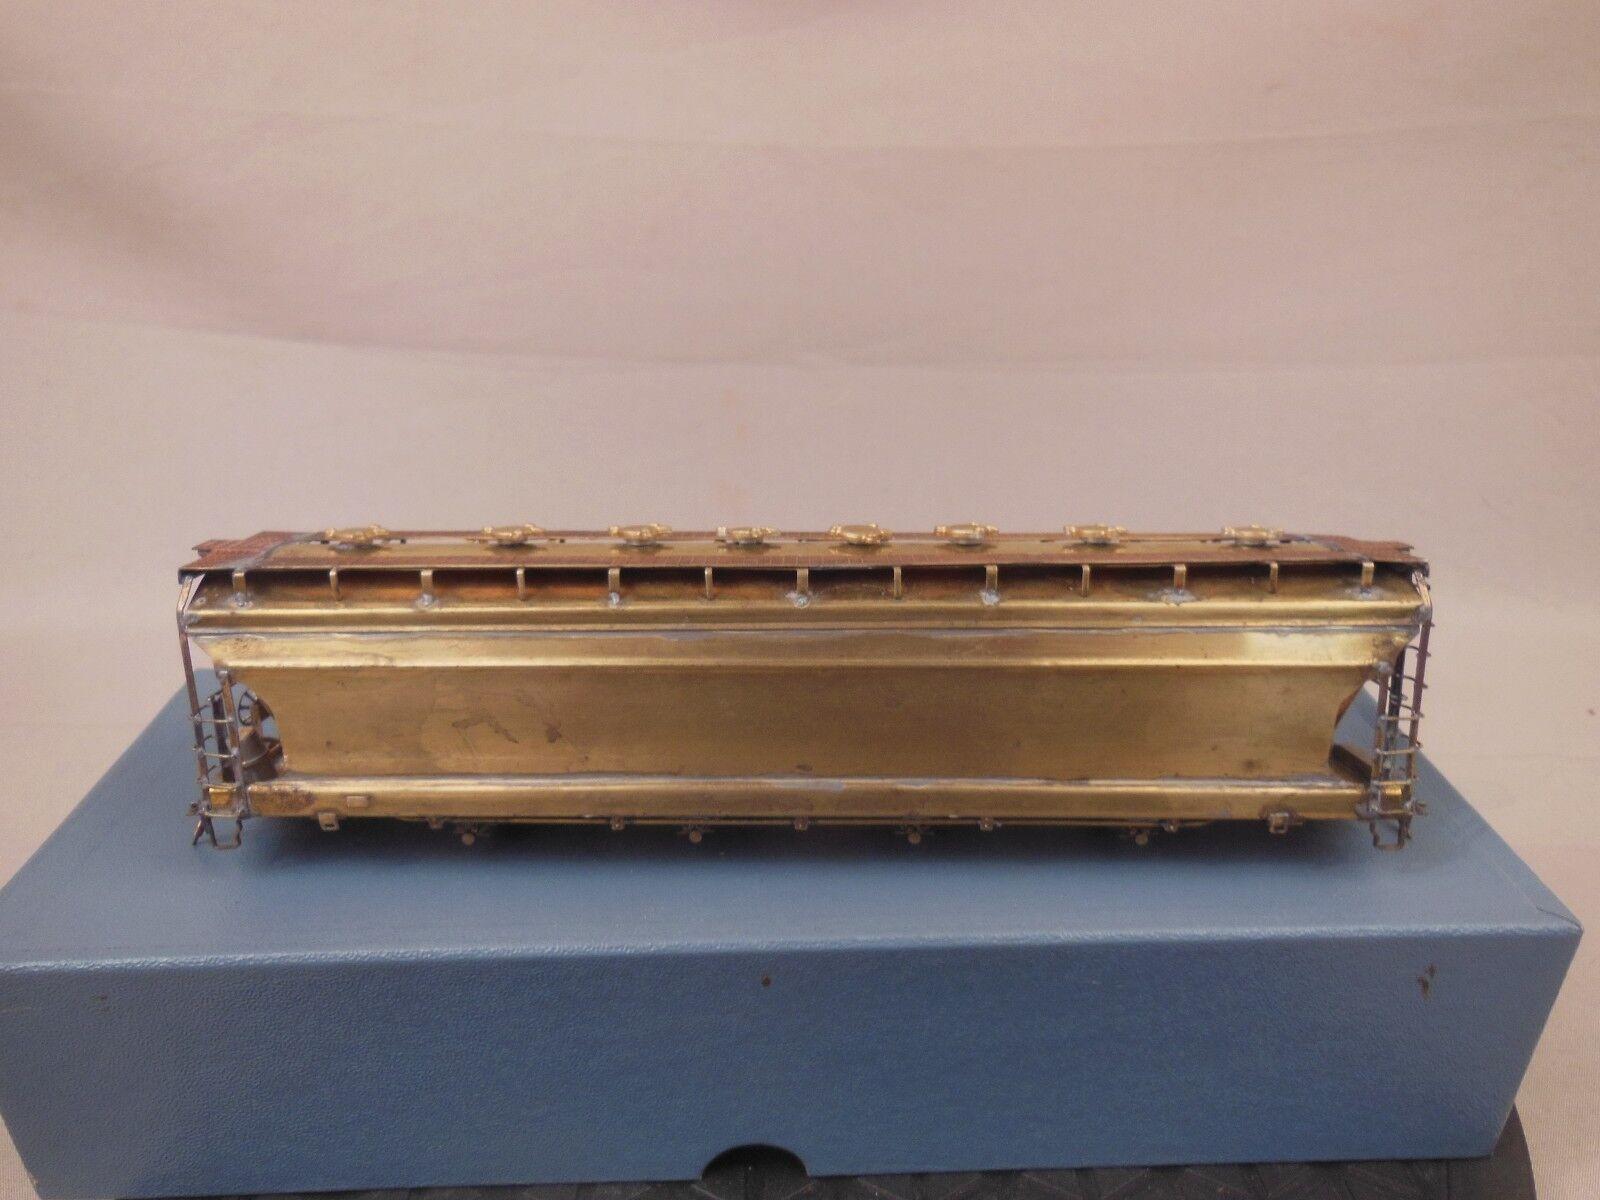 Ho Walthers ACF de latón 8851 centro de flujo cf 5250 4 Bay cubierto tolva auto cuerpo 1 3